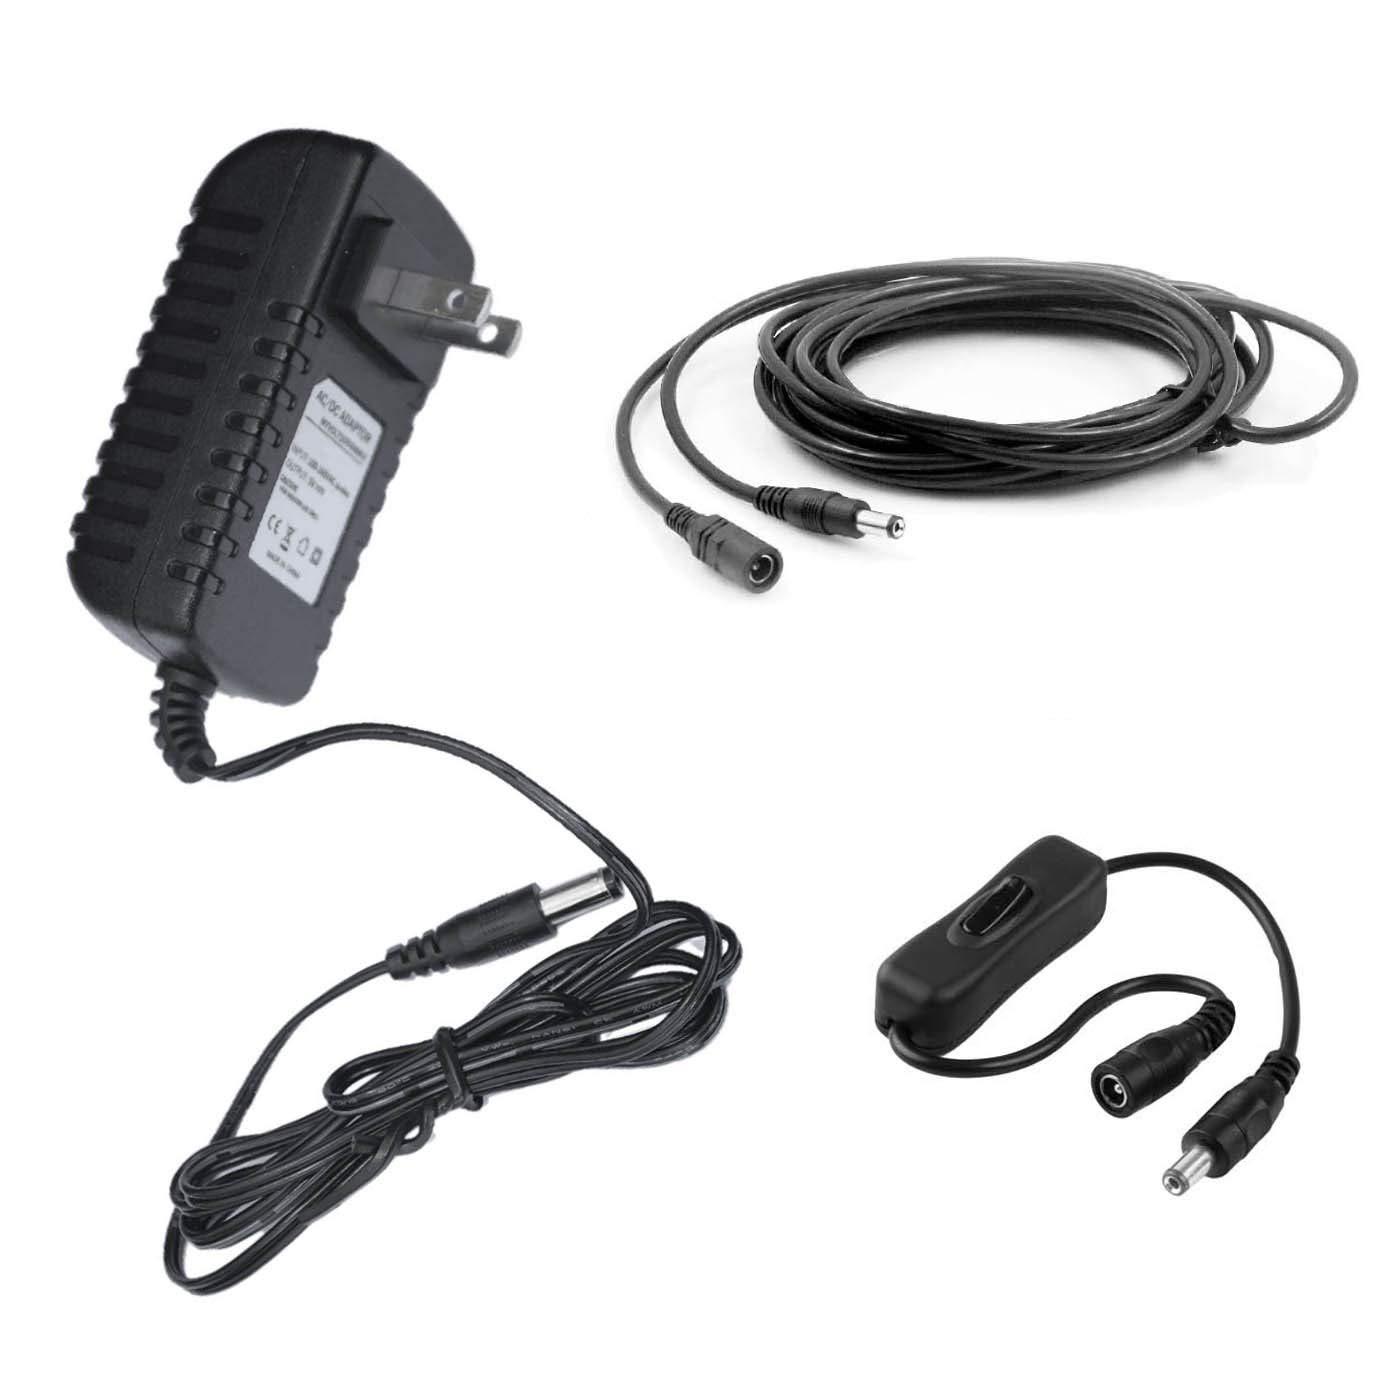 12 V Yamaha i88 Xオーディオインターフェイス用電源電源アダプター – USプラグ Premium Plug + US-3041 Premium Plug +  B01MUQ53M8